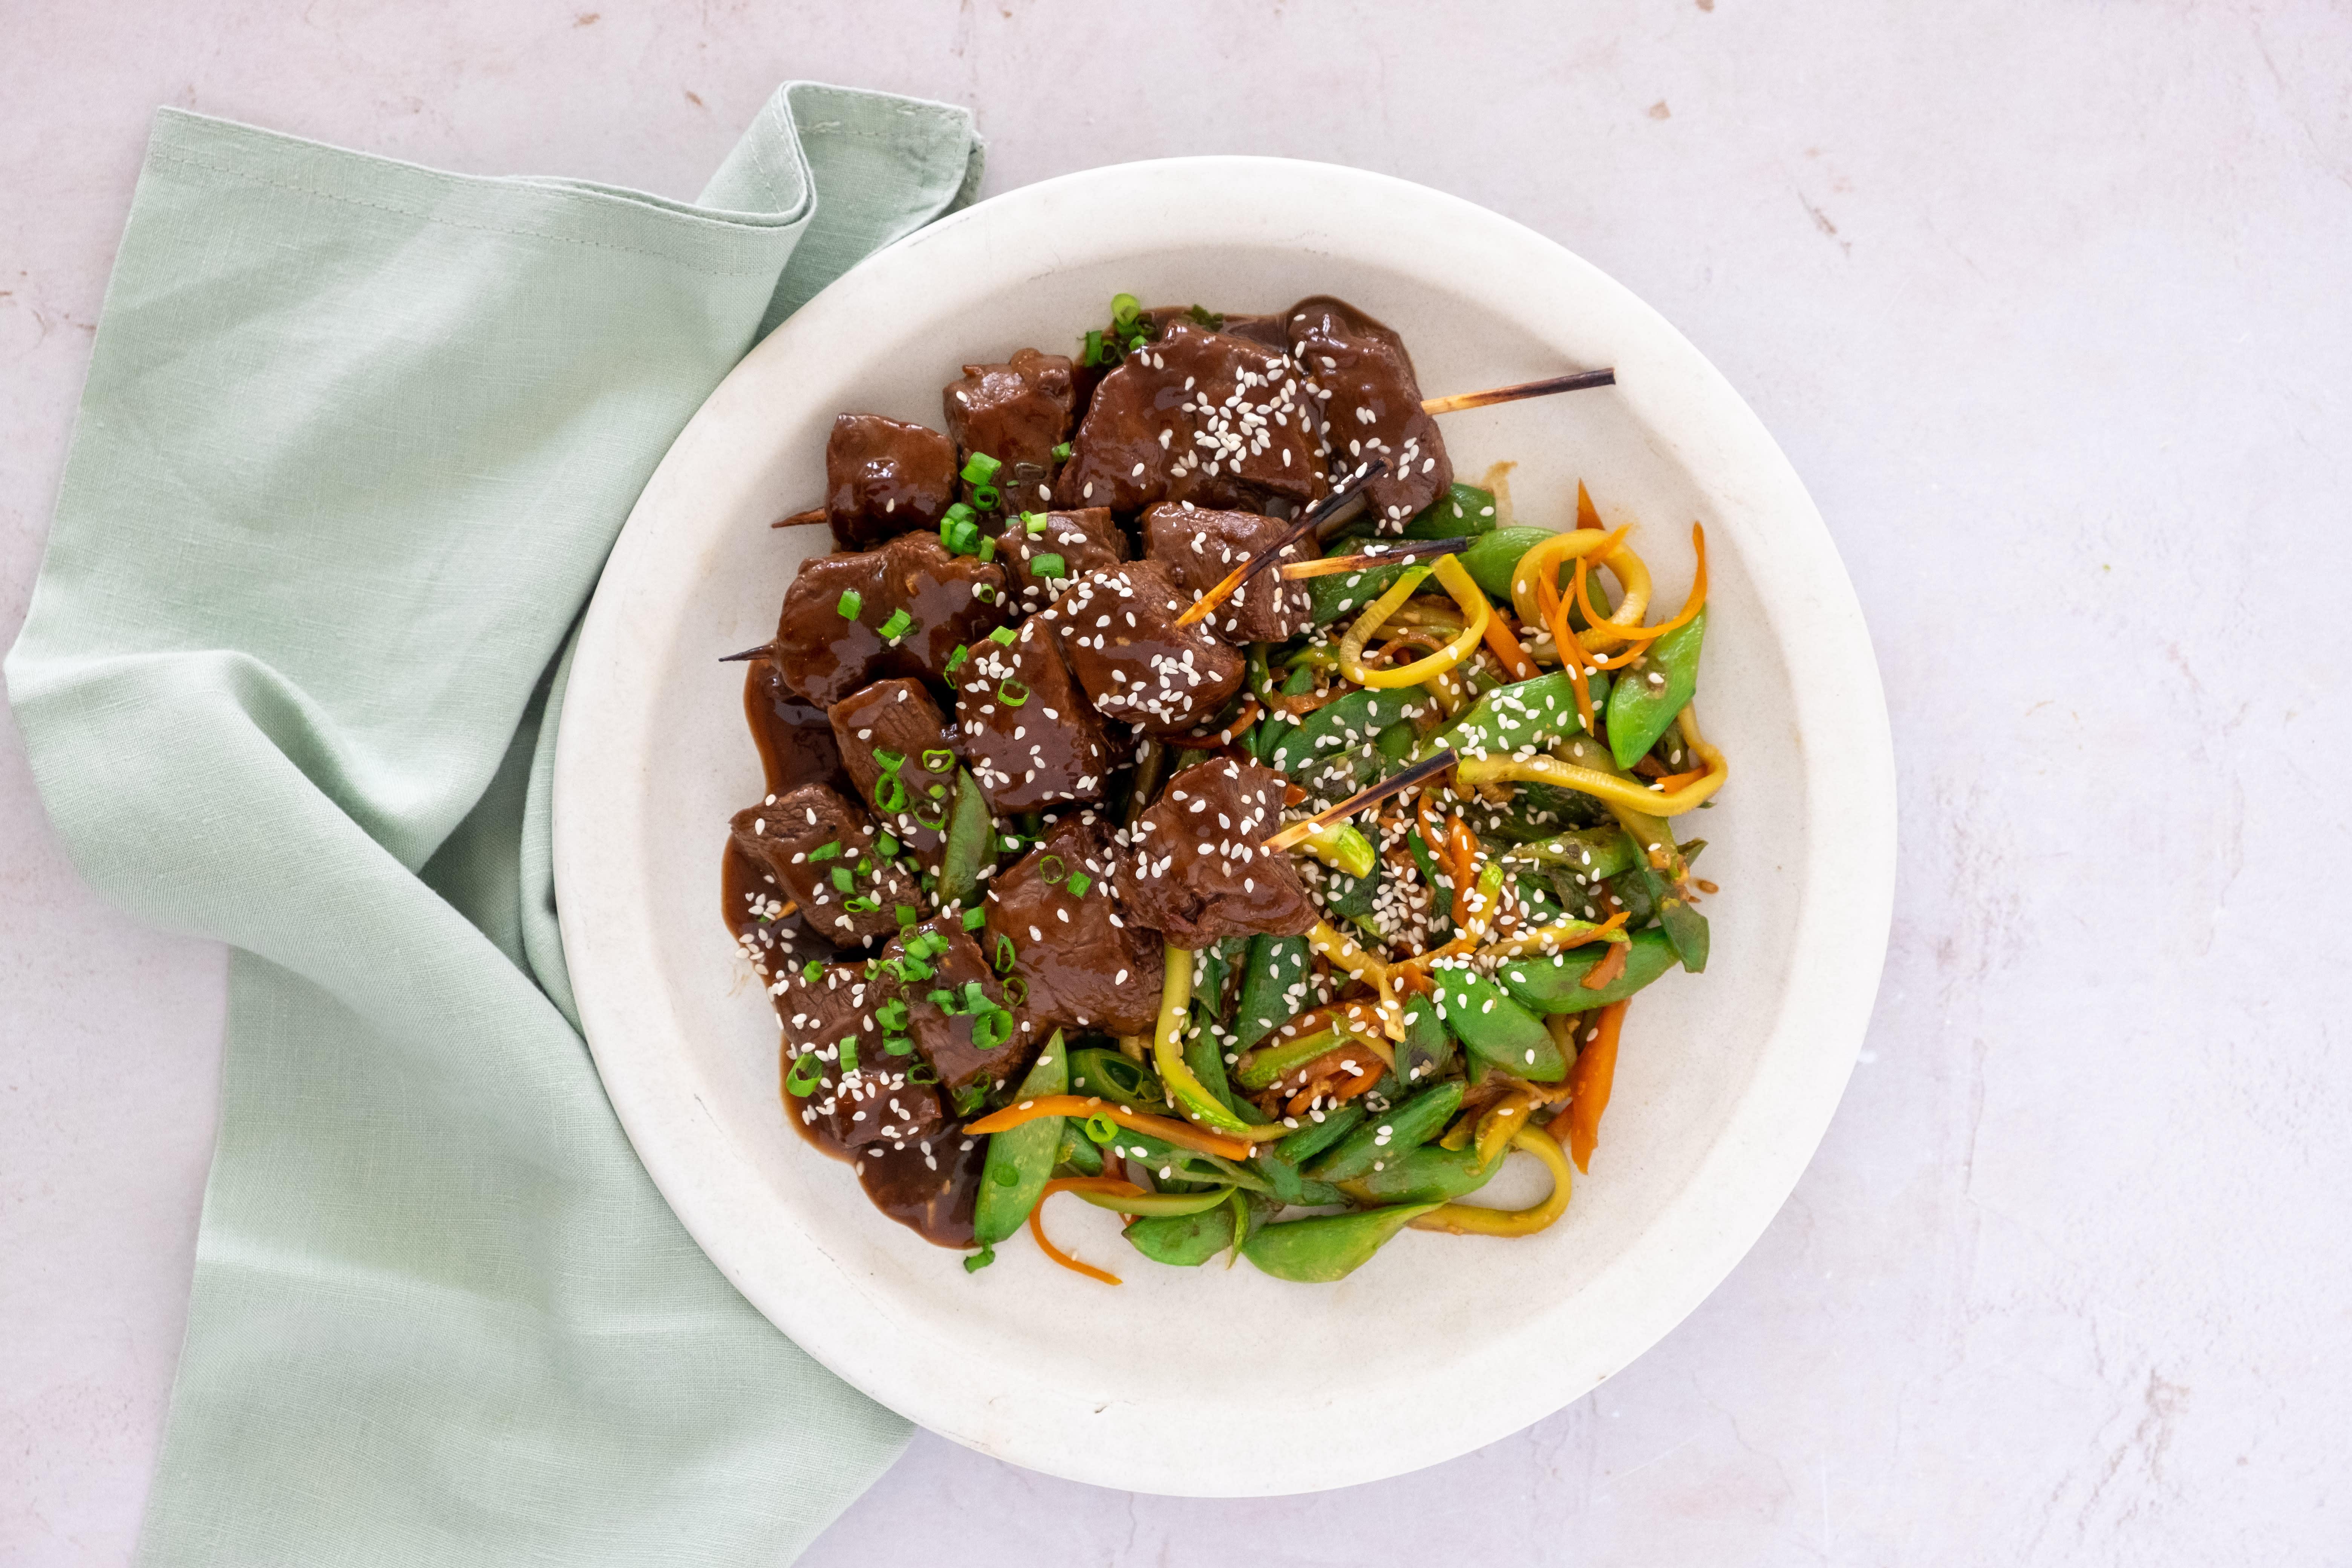 Smoky Teriyaki Steak Skewers with Vegetable Stir-fry